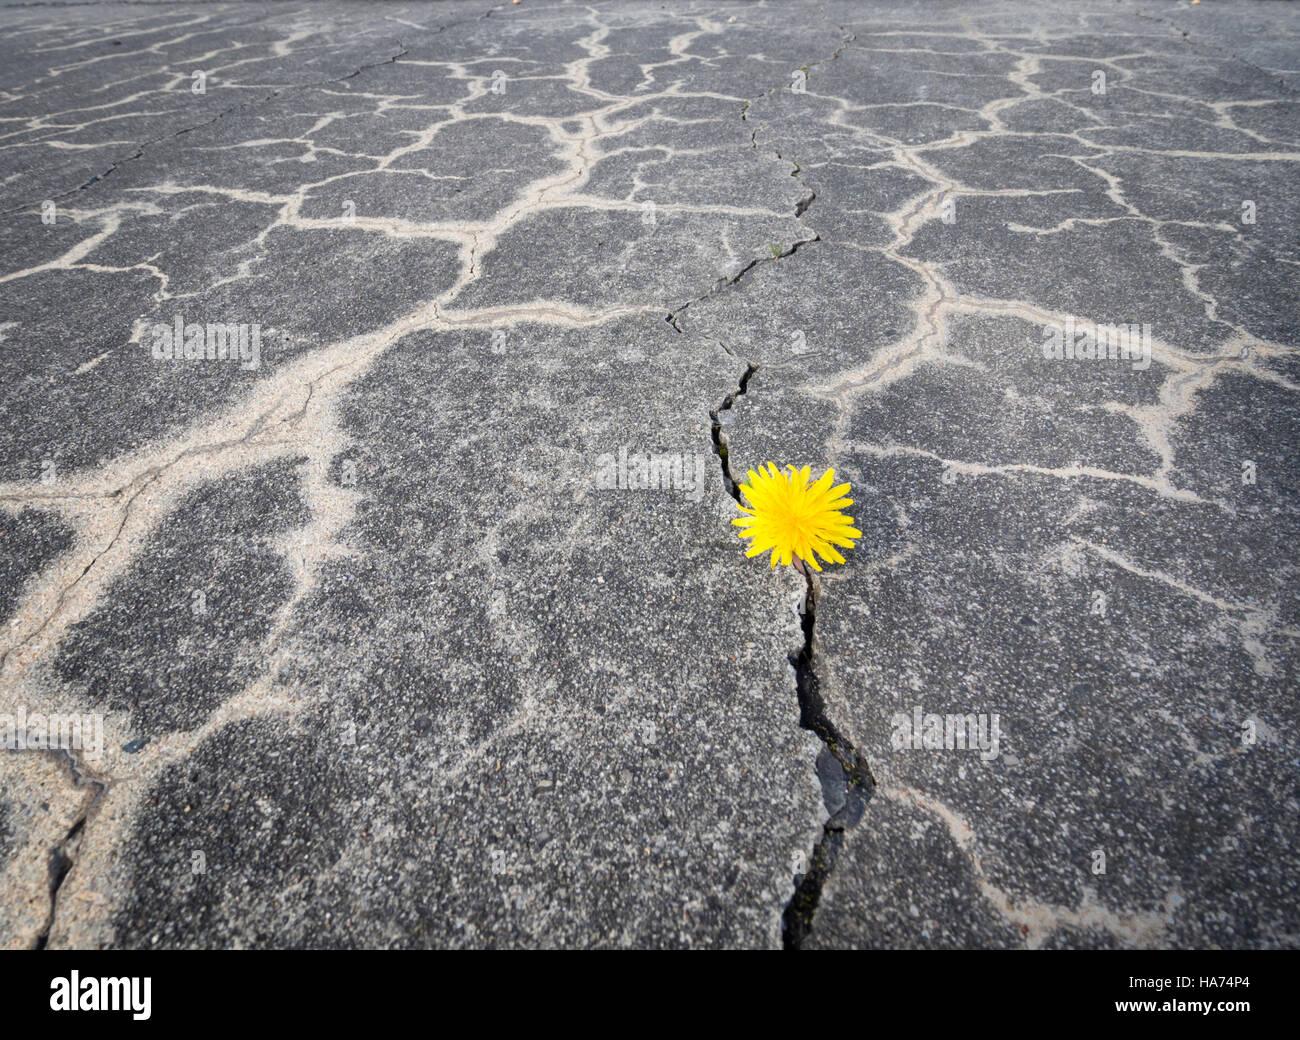 Un petit jaune fleur de pissenlit est de pénétrer à travers une fissure dans le revêtement en Photo Stock